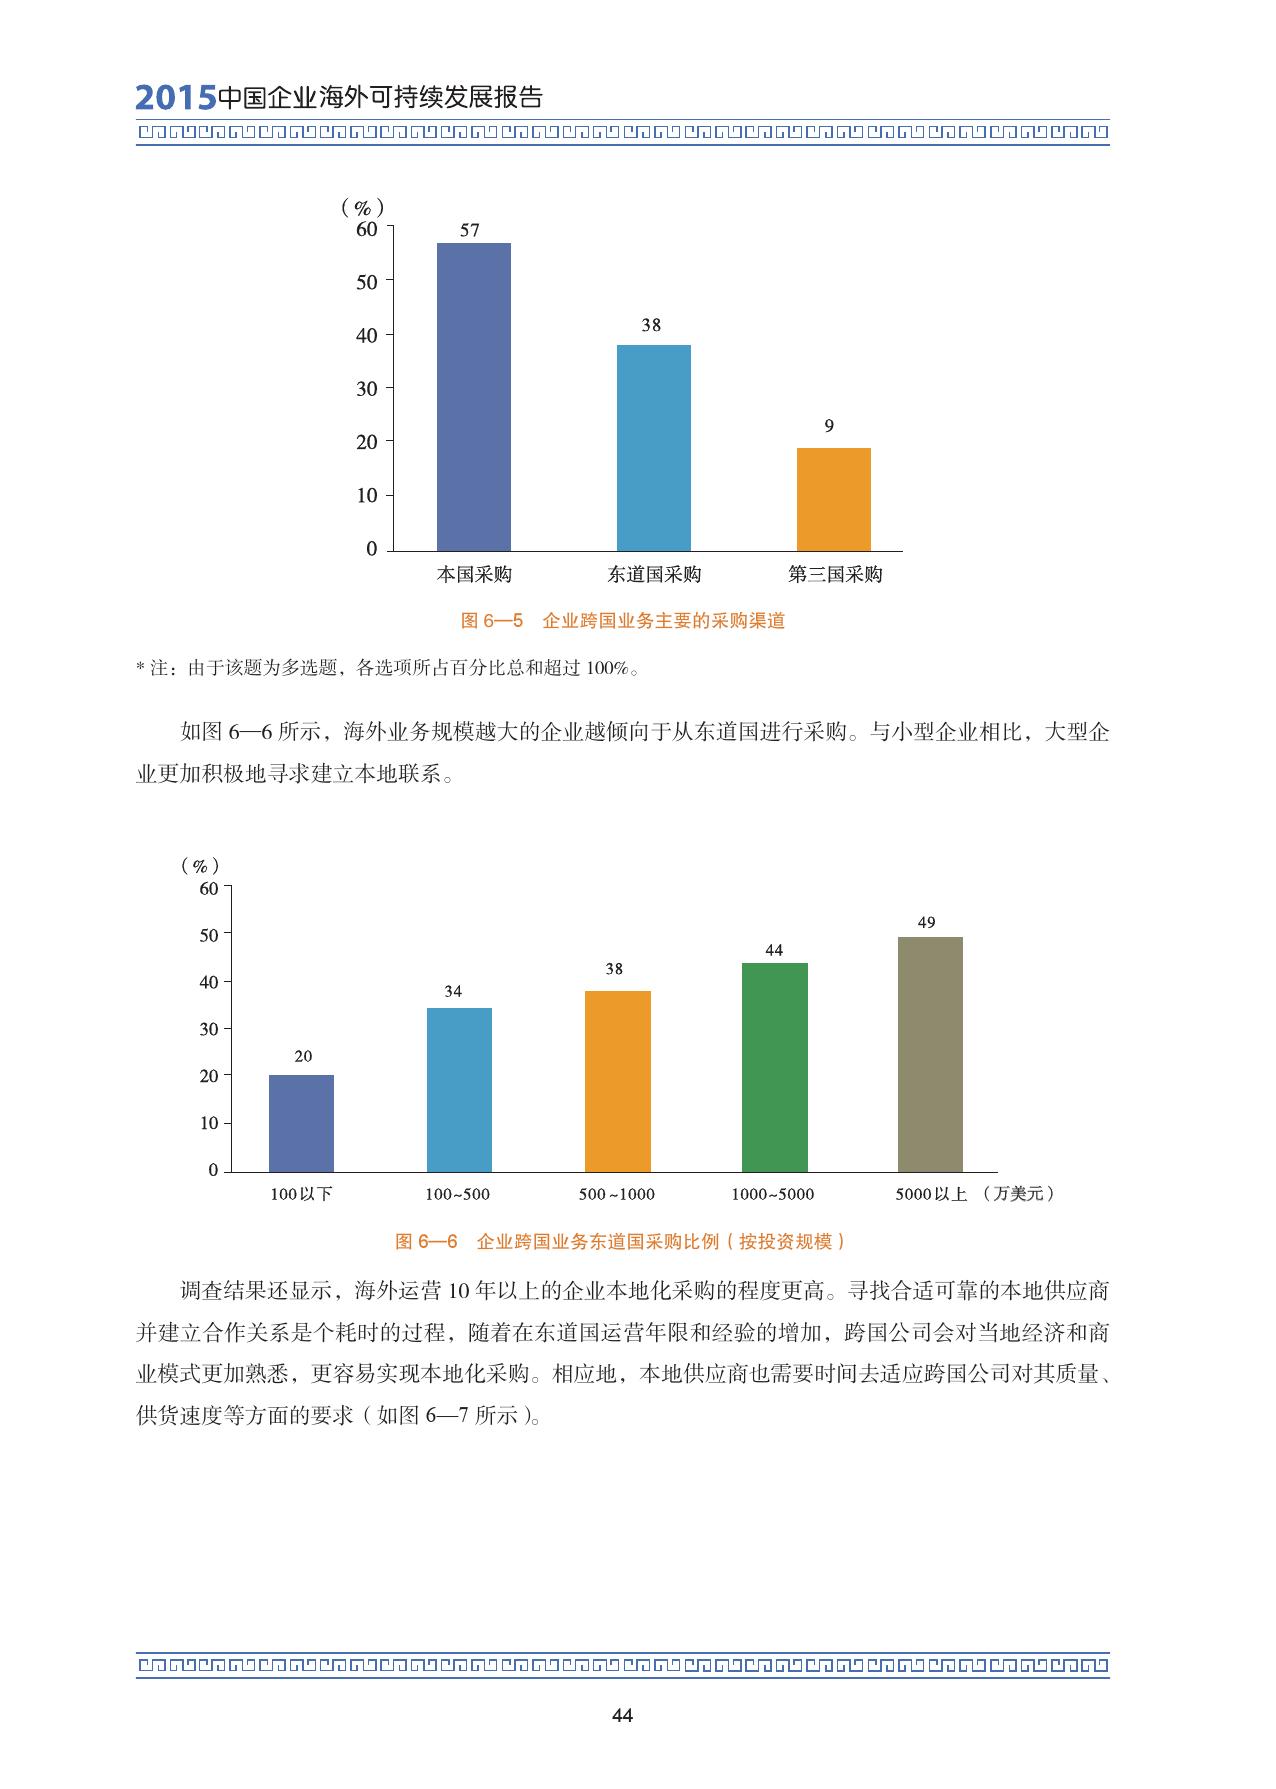 2015中国企业海外可持续发展报告_000058